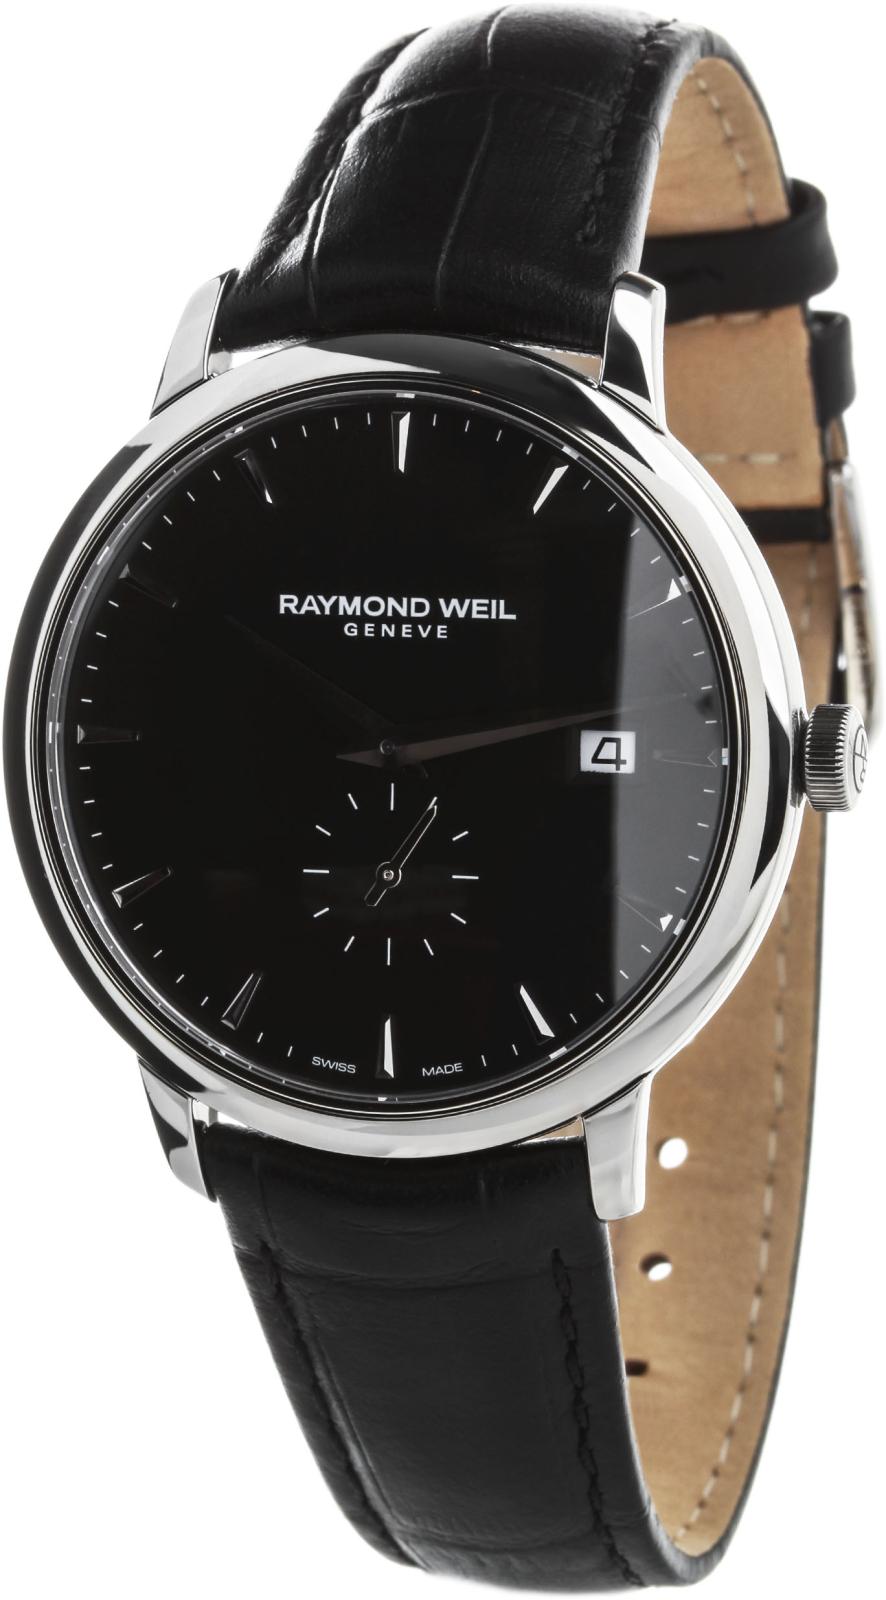 Raymond Weil Toccata 5484-STC-20001Наручные часы<br>Часы принадежат коллекции Toccata. Это стильные мужские часы. Материал корпуса часов — сталь. Стекло - сапфировое. Часы этой модели обладают водозащитой 50 м. В этой модели используются такие усложнения как дата, . Часы обладают корпусом 39мм.<br><br>Пол: Мужские<br>Страна-производитель: Швейцария<br>Механизм: Кварцевый<br>Материал корпуса: Сталь<br>Материал ремня/браслета: Кожа<br>Водозащита, диапазон: 20 - 100 м<br>Стекло: Сапфировое<br>Толщина корпуса: 8,3 мм<br>Стиль: Классика